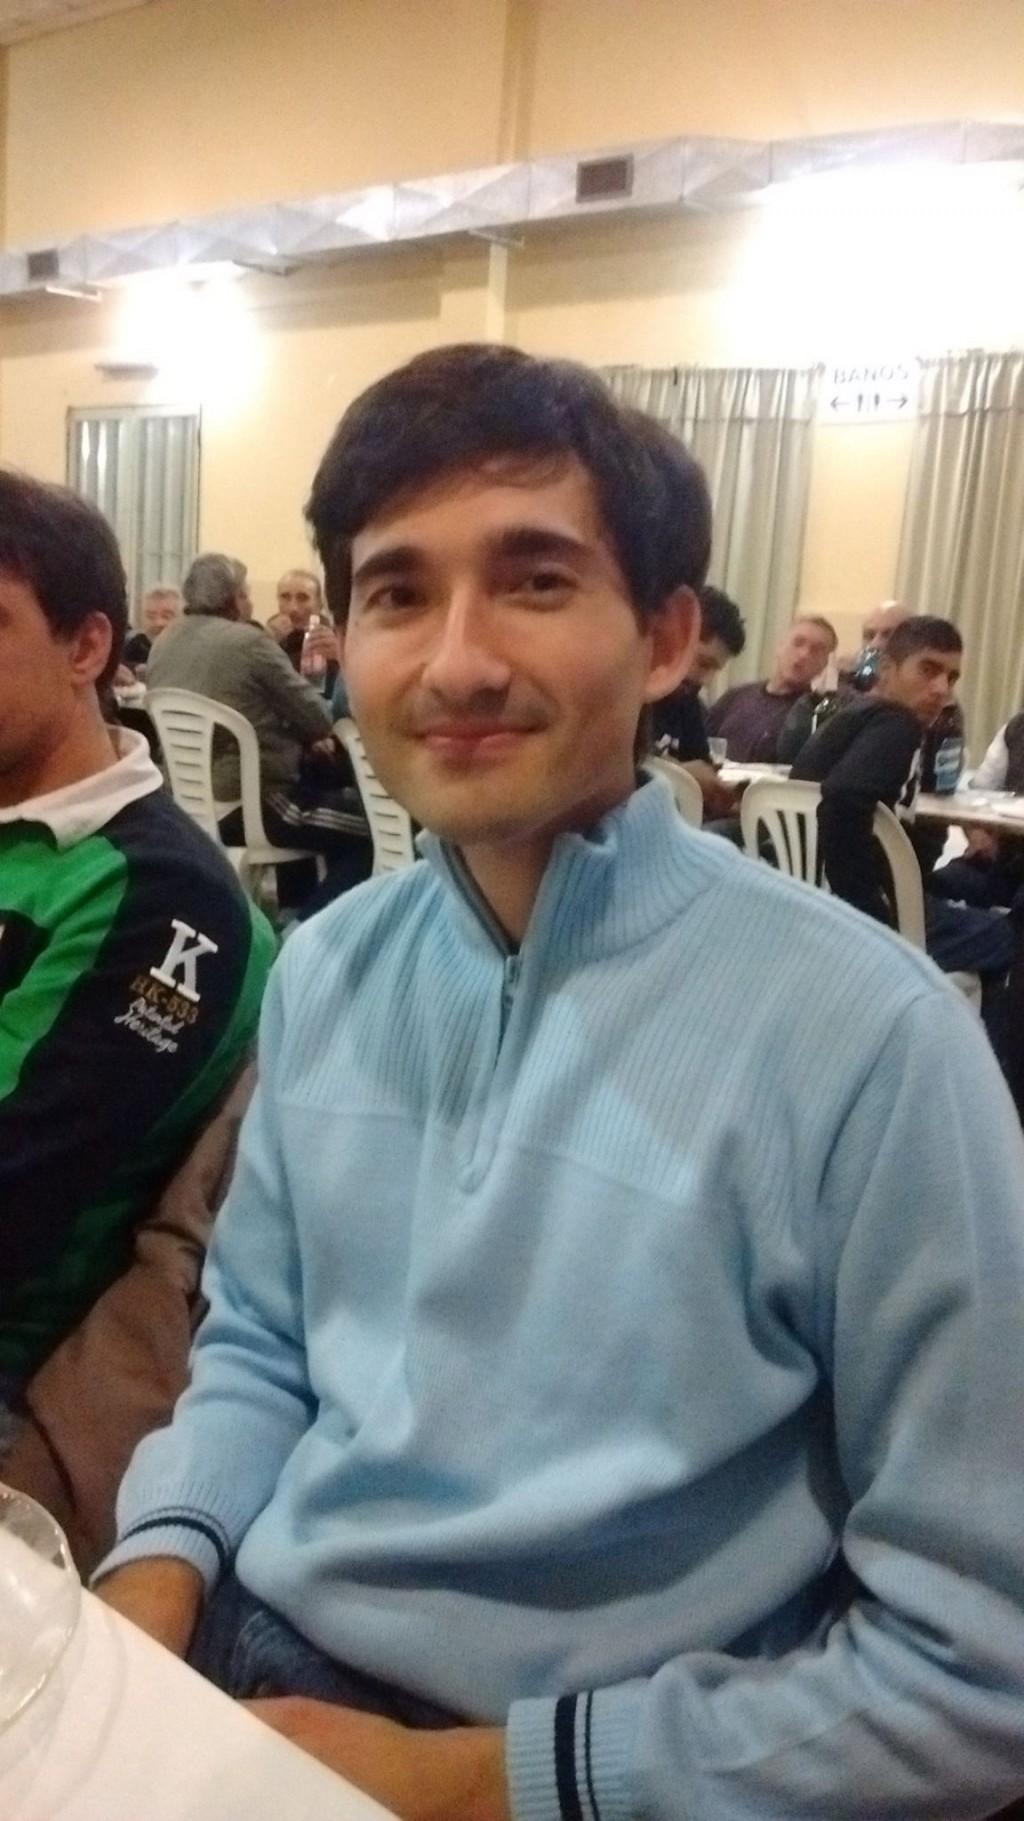 CASO ANALIA MALDONADO: su hermano Carlos emitió un comunicado a la sociedad